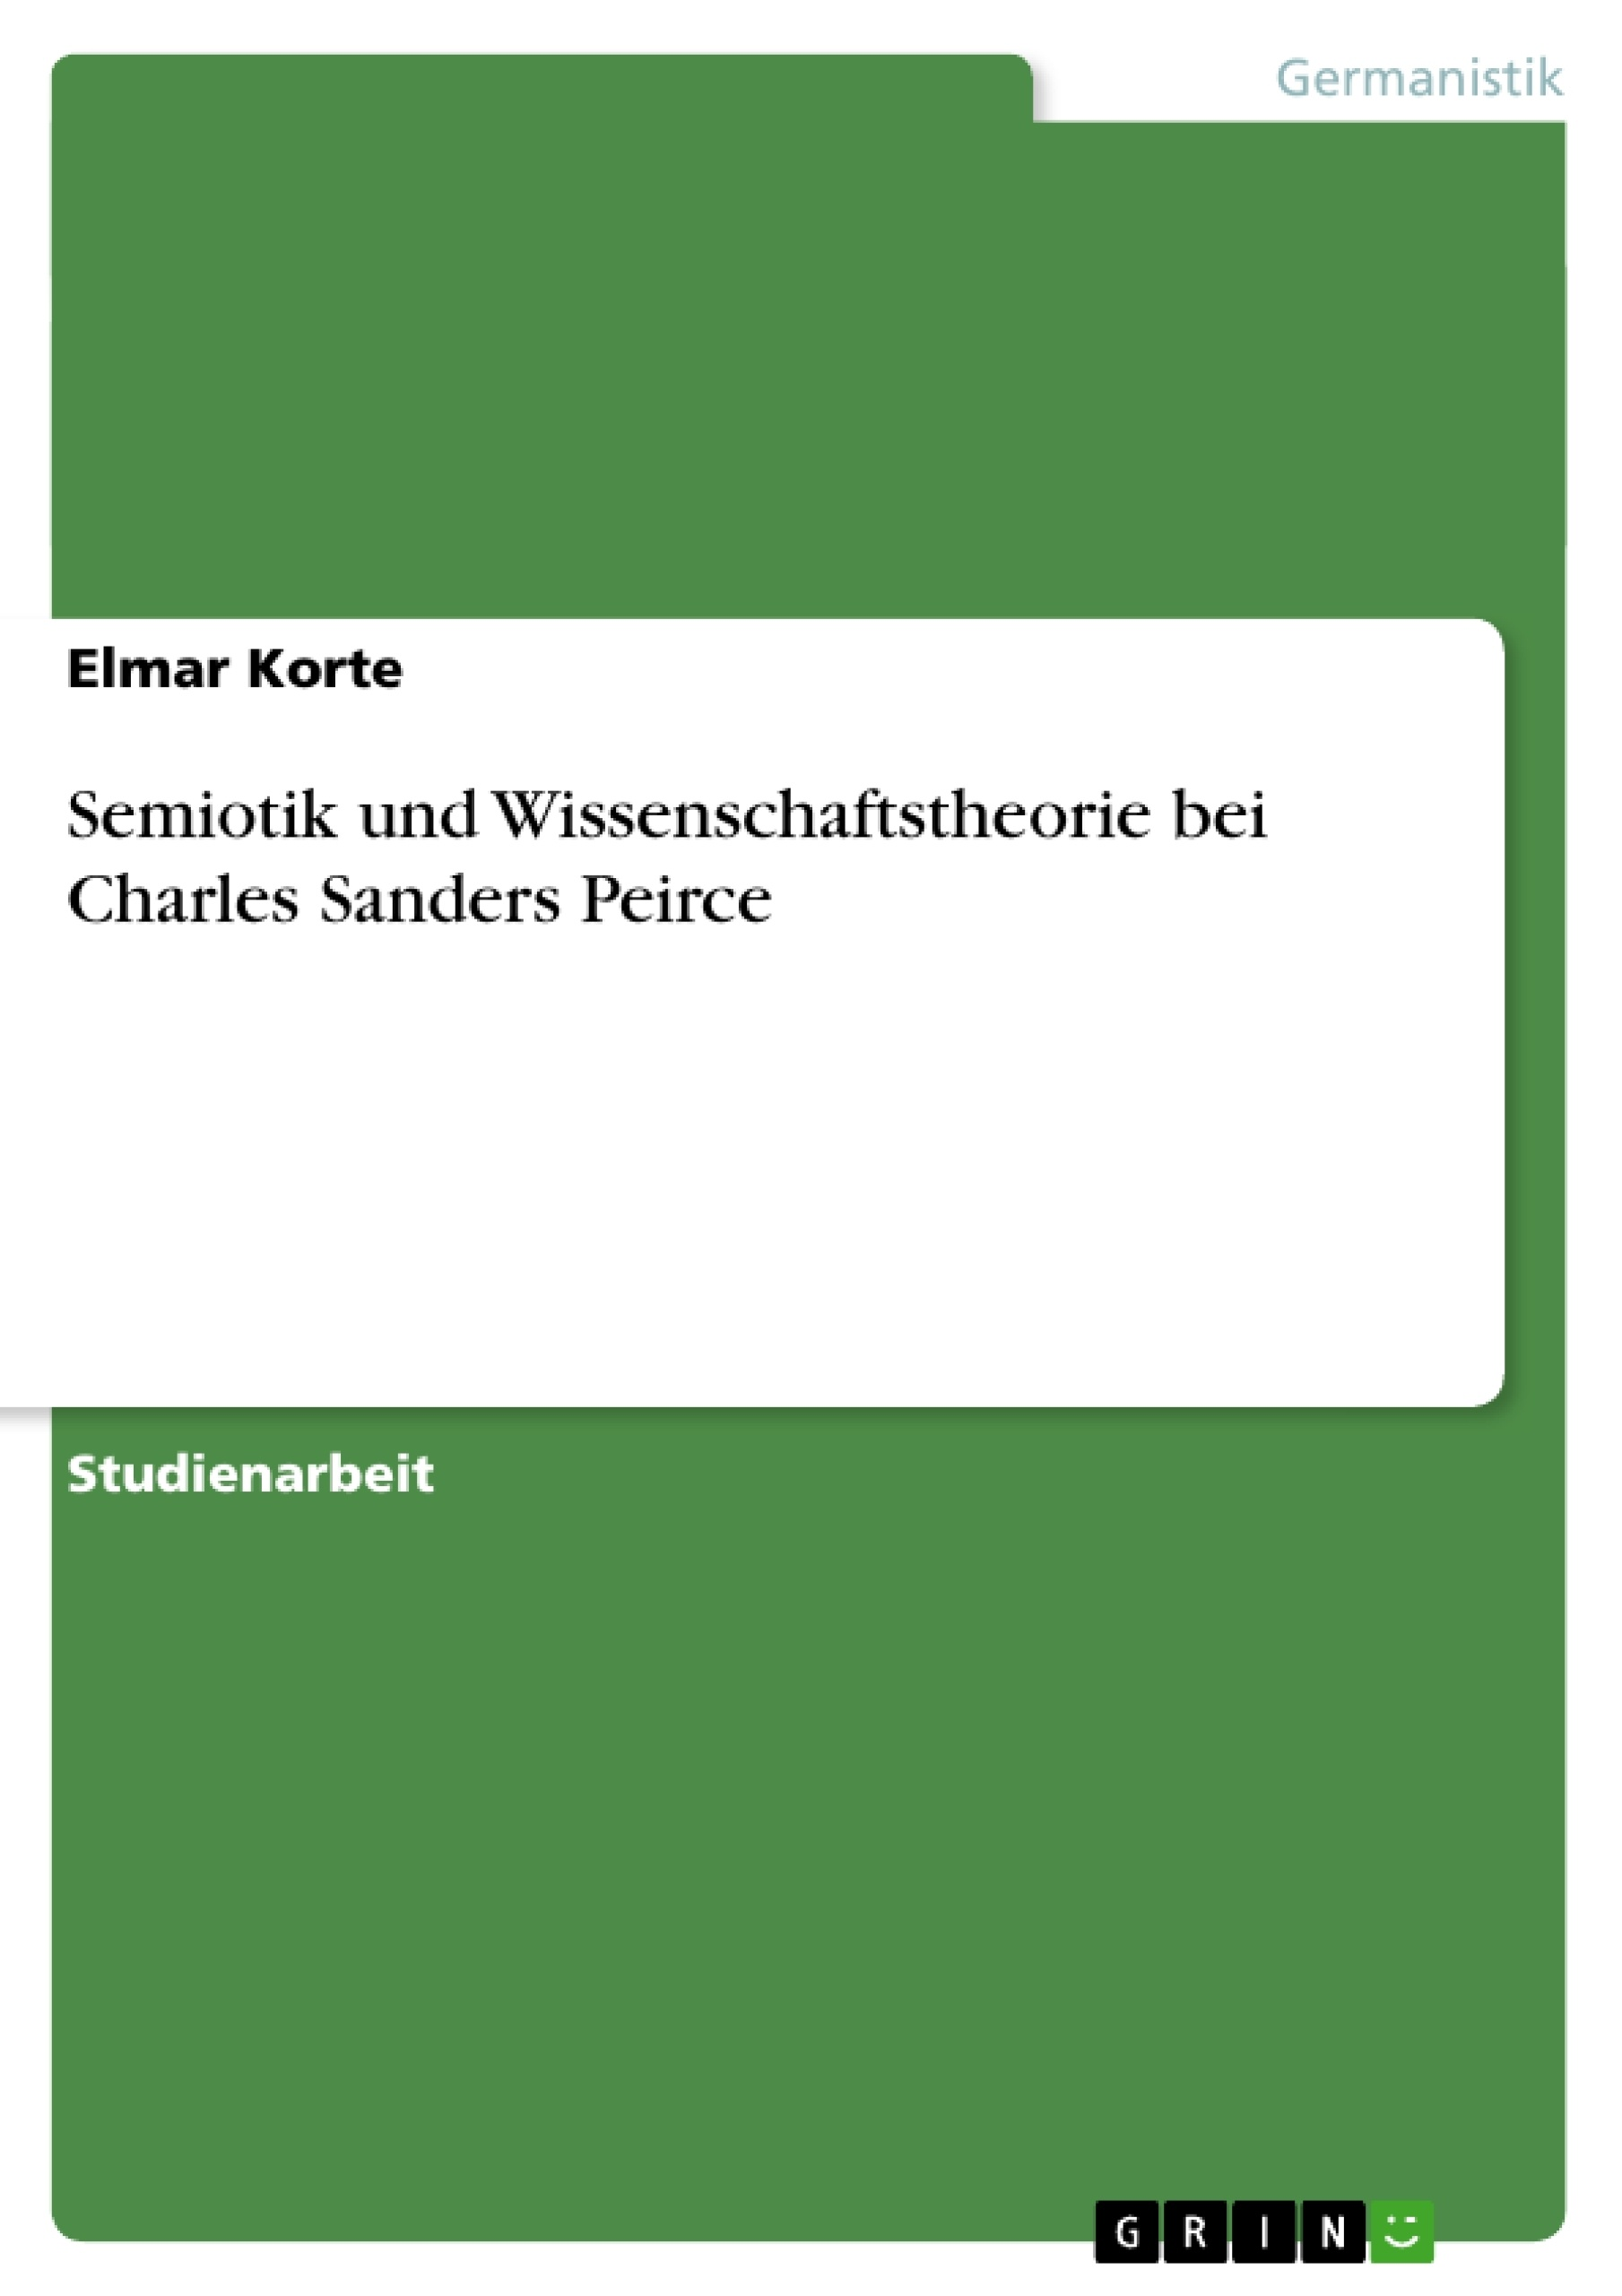 Titel: Semiotik und Wissenschaftstheorie bei Charles Sanders Peirce